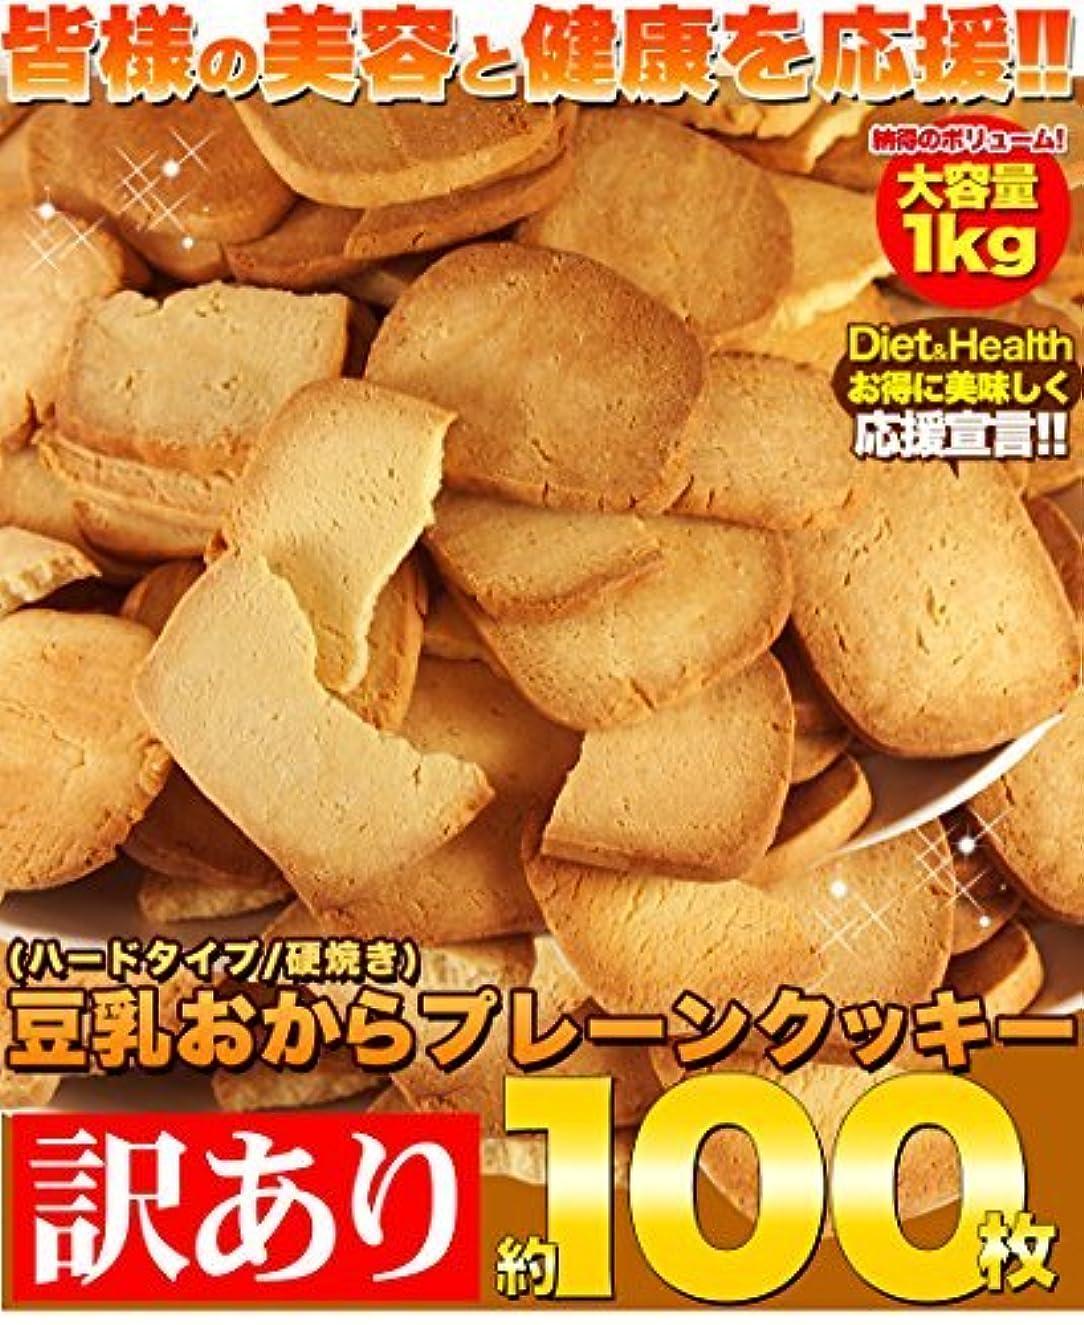 始まり曲がった読者アレンジ次第でダイエットが楽しくなる!プレーンタイプの豆乳おからクッキーが約100枚入って1kg入り!  業界最安値に挑戦!【訳あり】固焼き☆豆乳おからクッキープレーン約100枚1kg?常温?